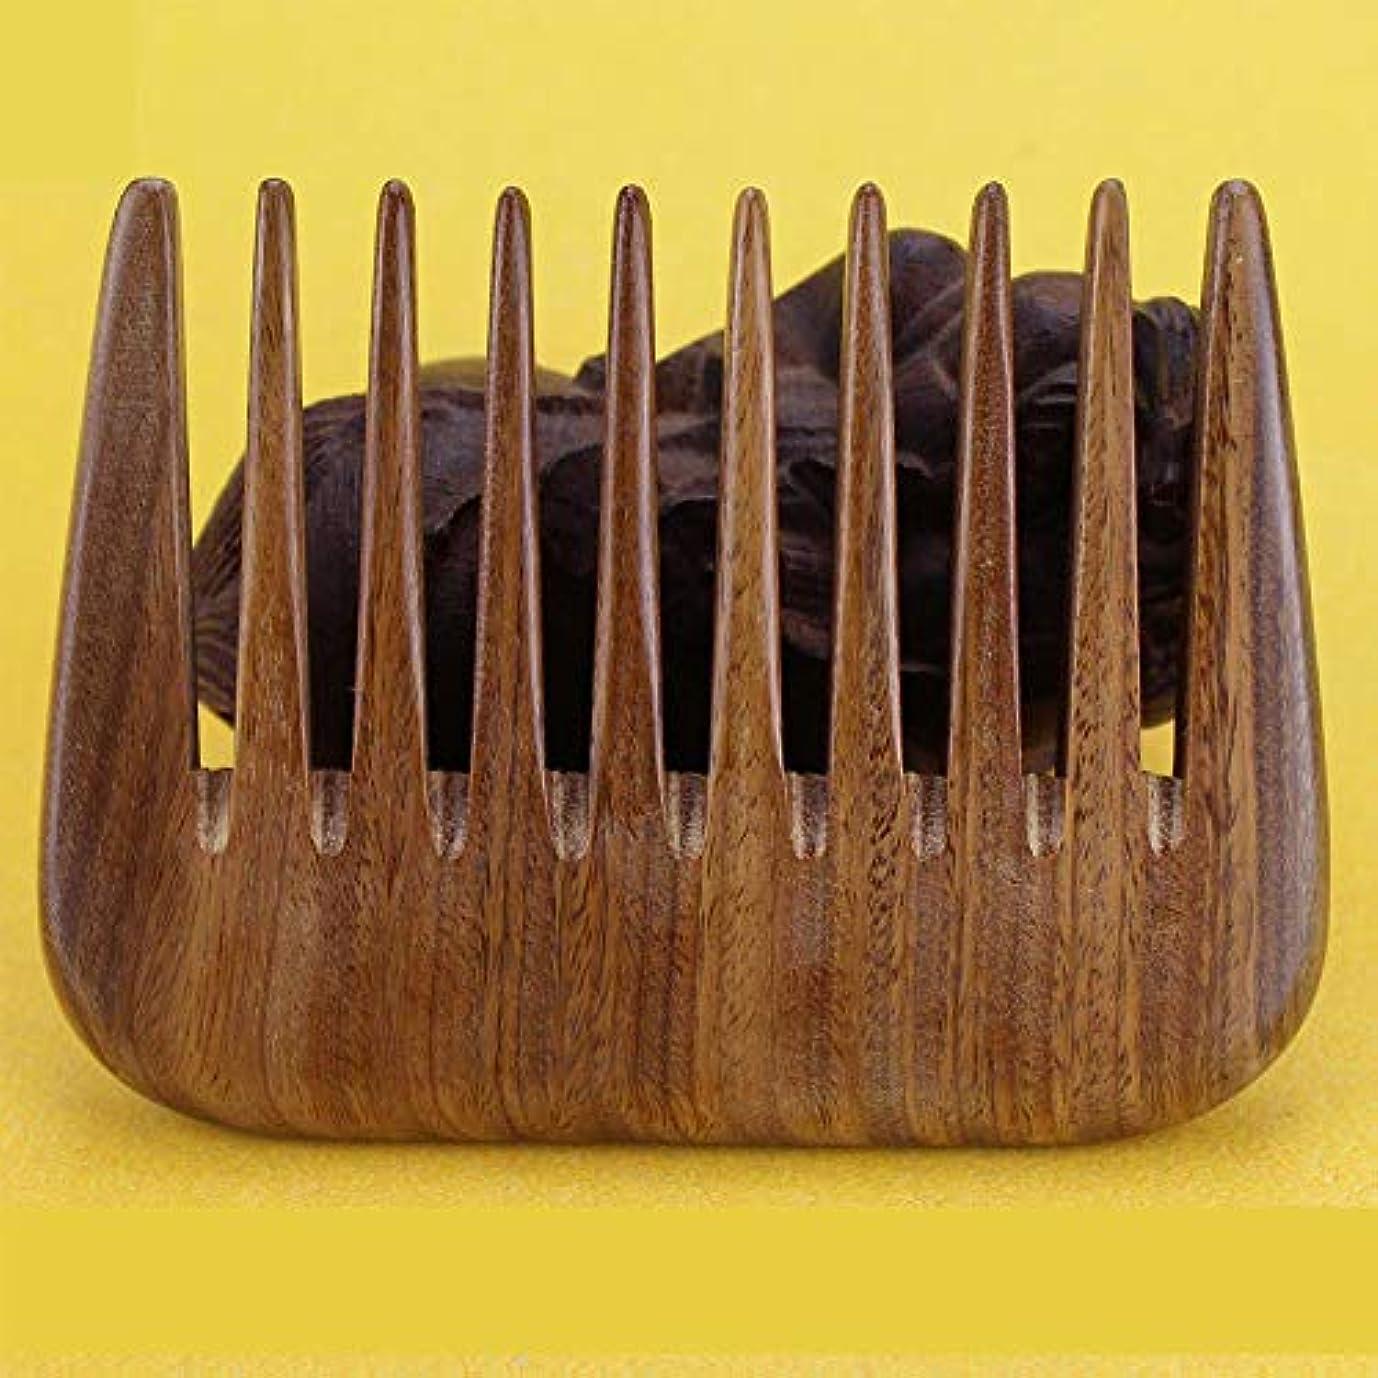 組み合わせええきつくFidgetGear 木の櫛メンズひげの広い歯のポケットのくし